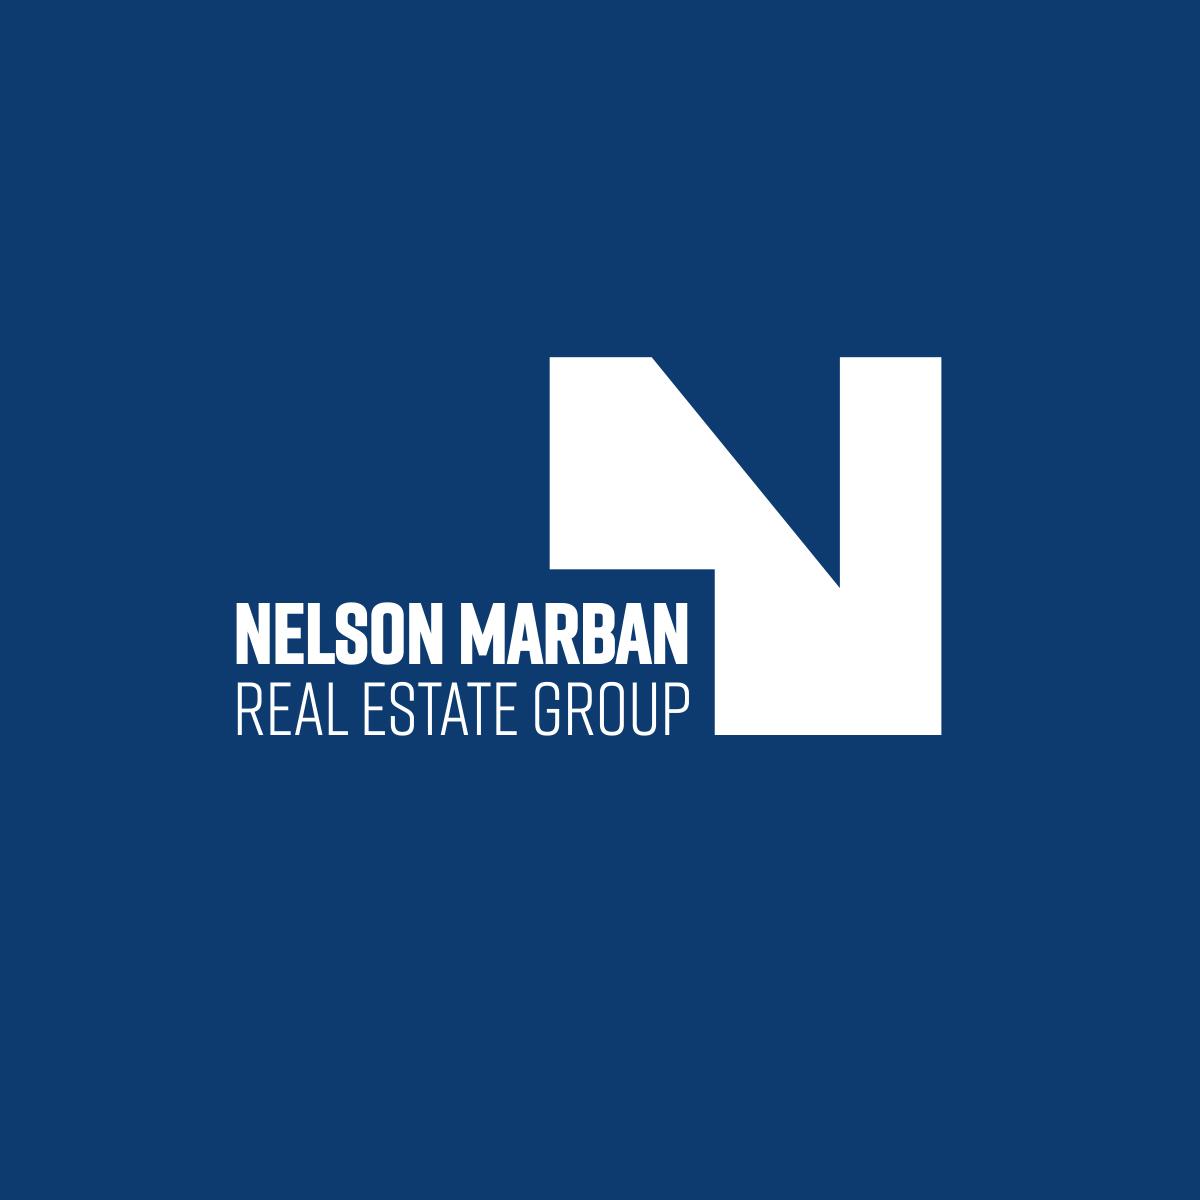 NM_Real Estate Group_Logo_KO_PMS_654.jpg